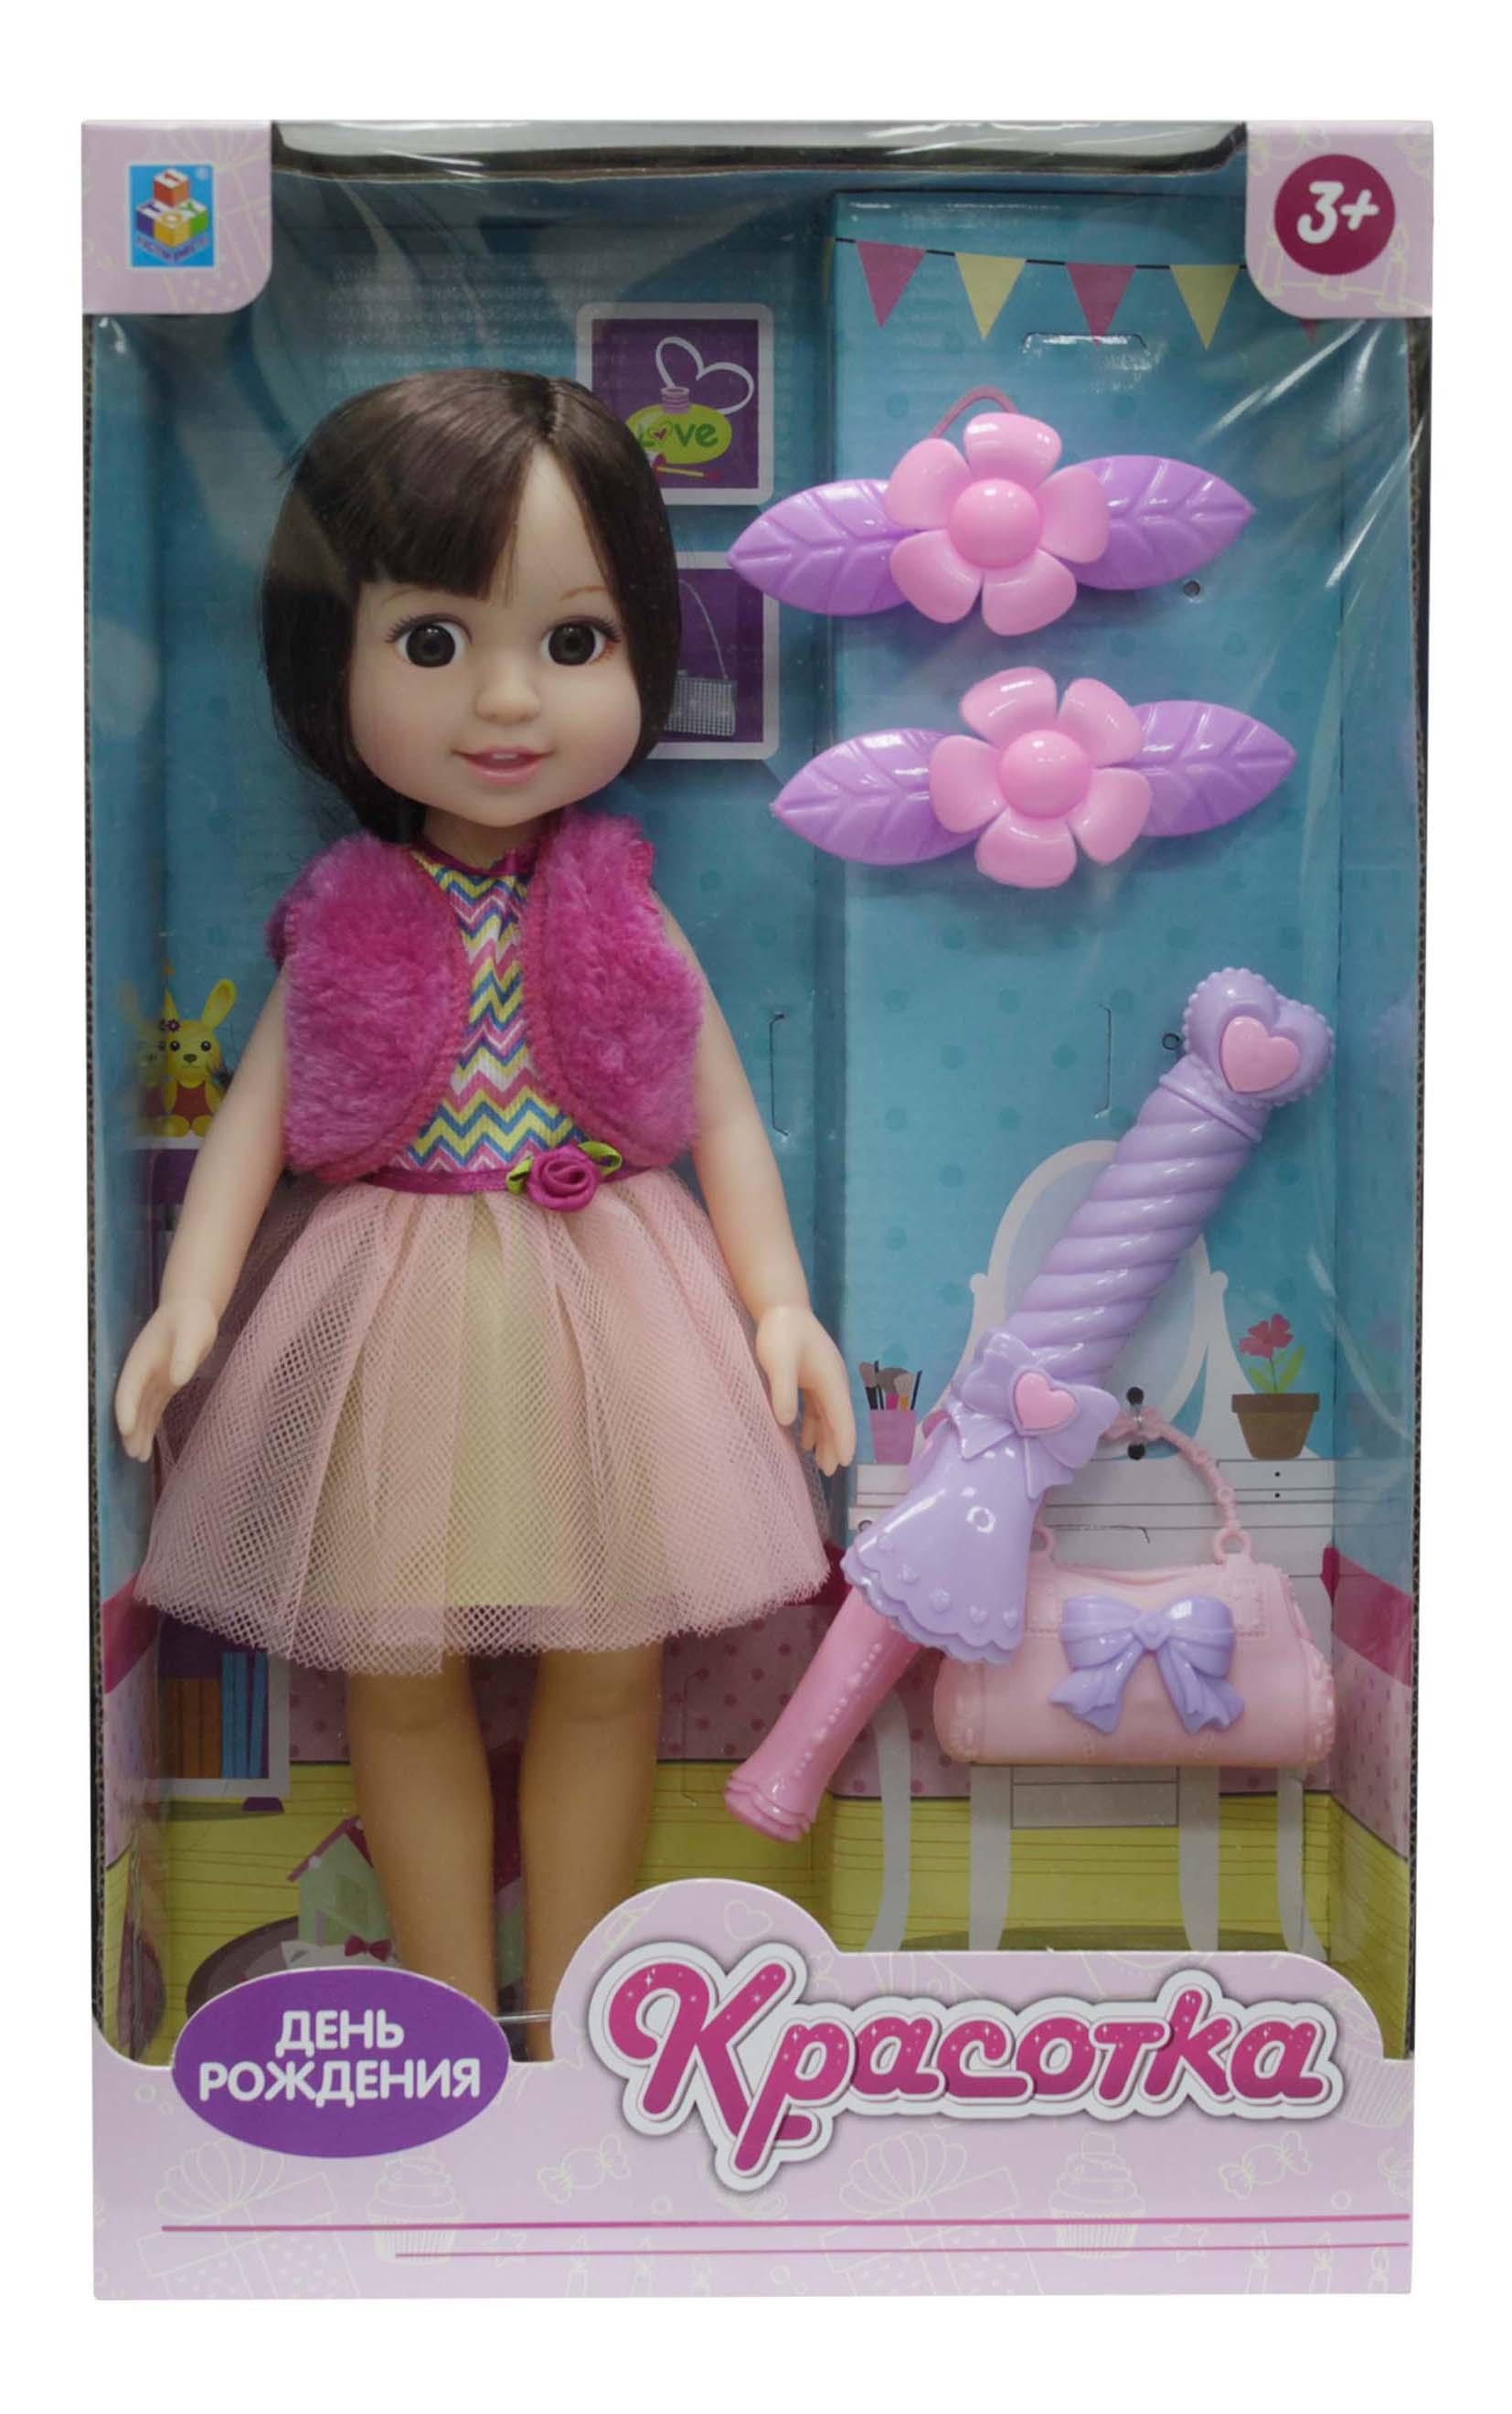 Кукла красотка с аксессуарами день рождения брюнетка 1Toy т10281